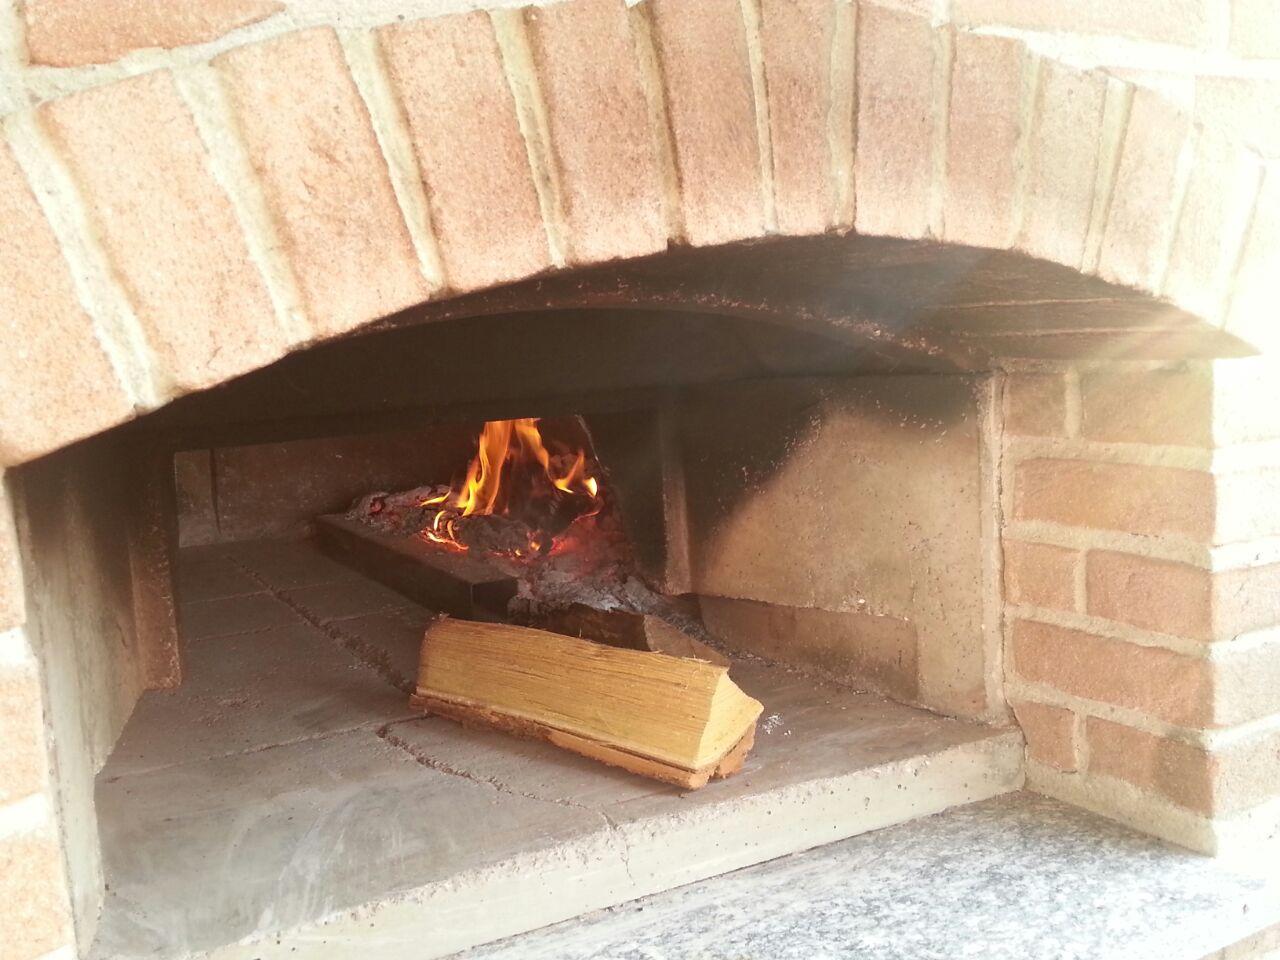 un forno con una fiamma accesa e della legna